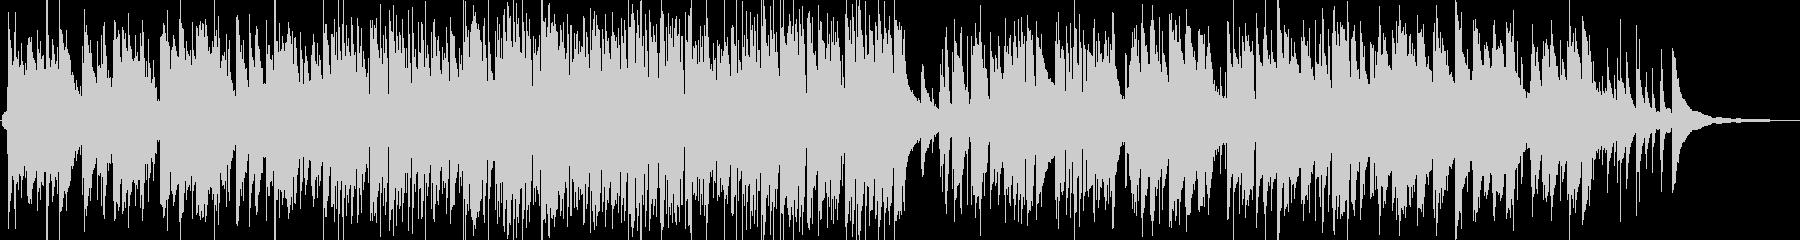 童謡のジャズピアノトリオの未再生の波形